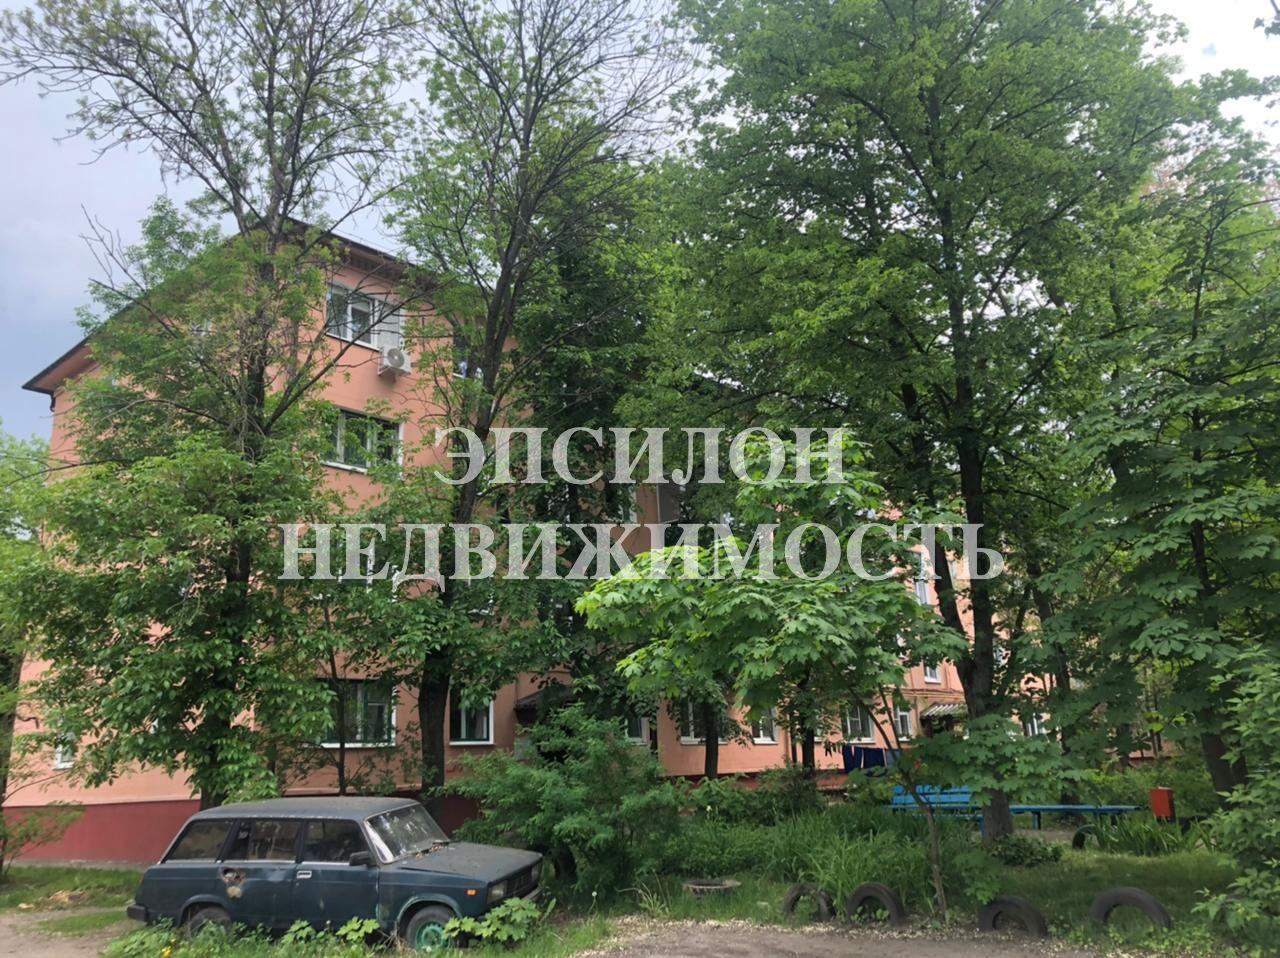 Продам 2-комнатную квартиру в городе Курск, на улице Менделеева, 23, 2-этаж 4-этажного Кирпич дома, площадь: 42.4/30/6.1 м2